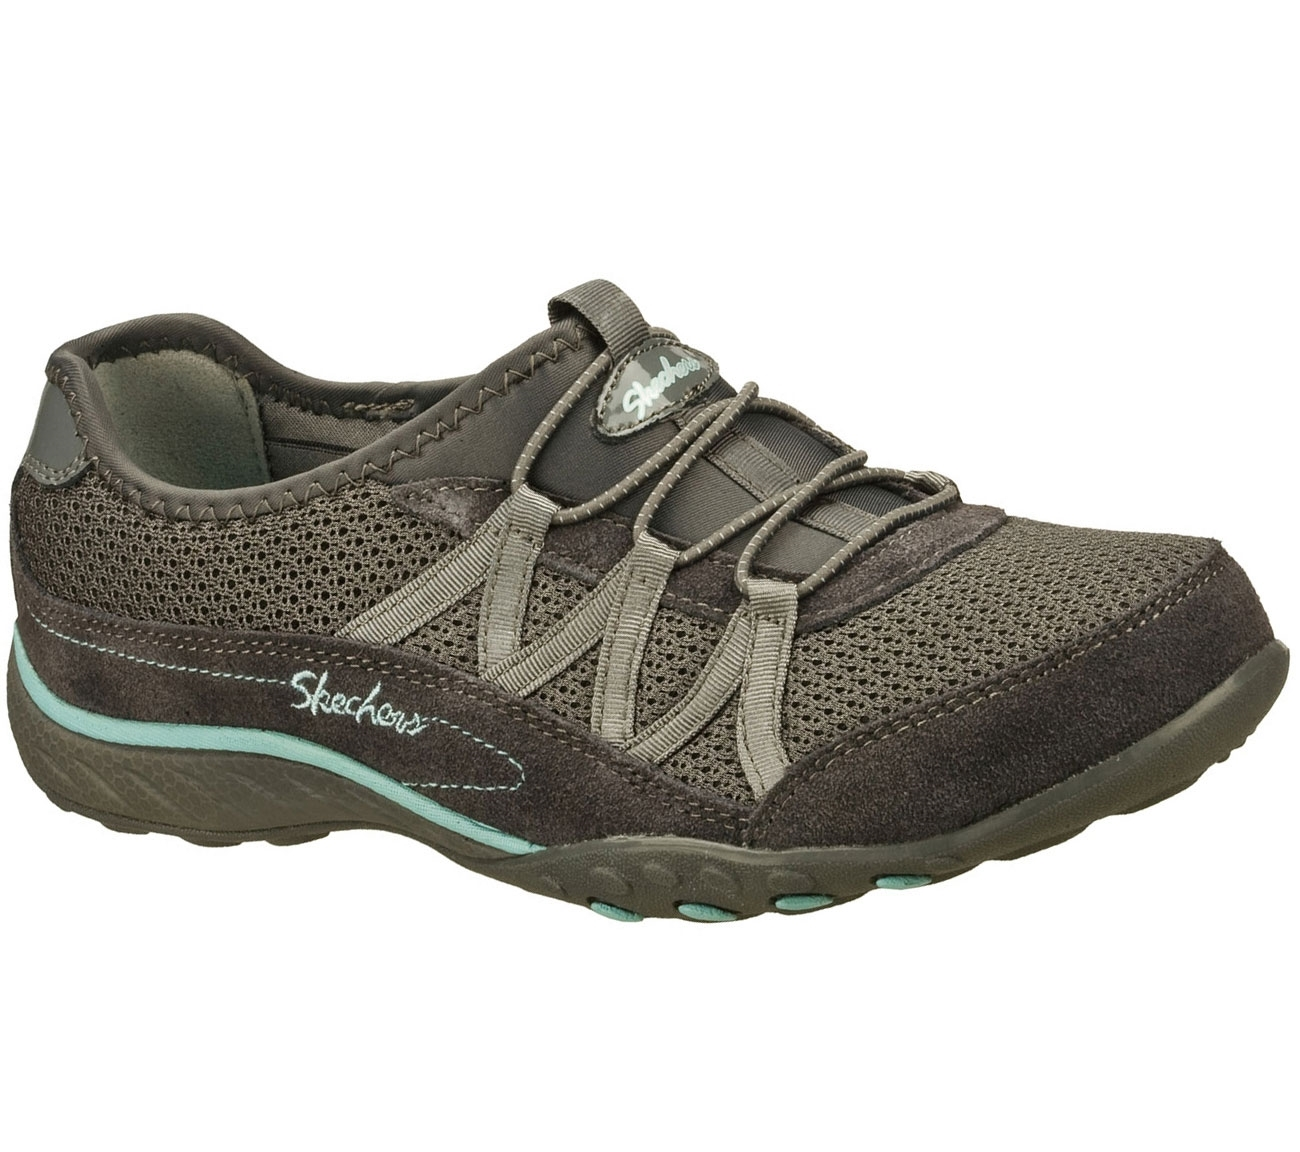 Skechers Men's Trainers Navy 9 UK: Amazon.co.uk: Shoes & Bags